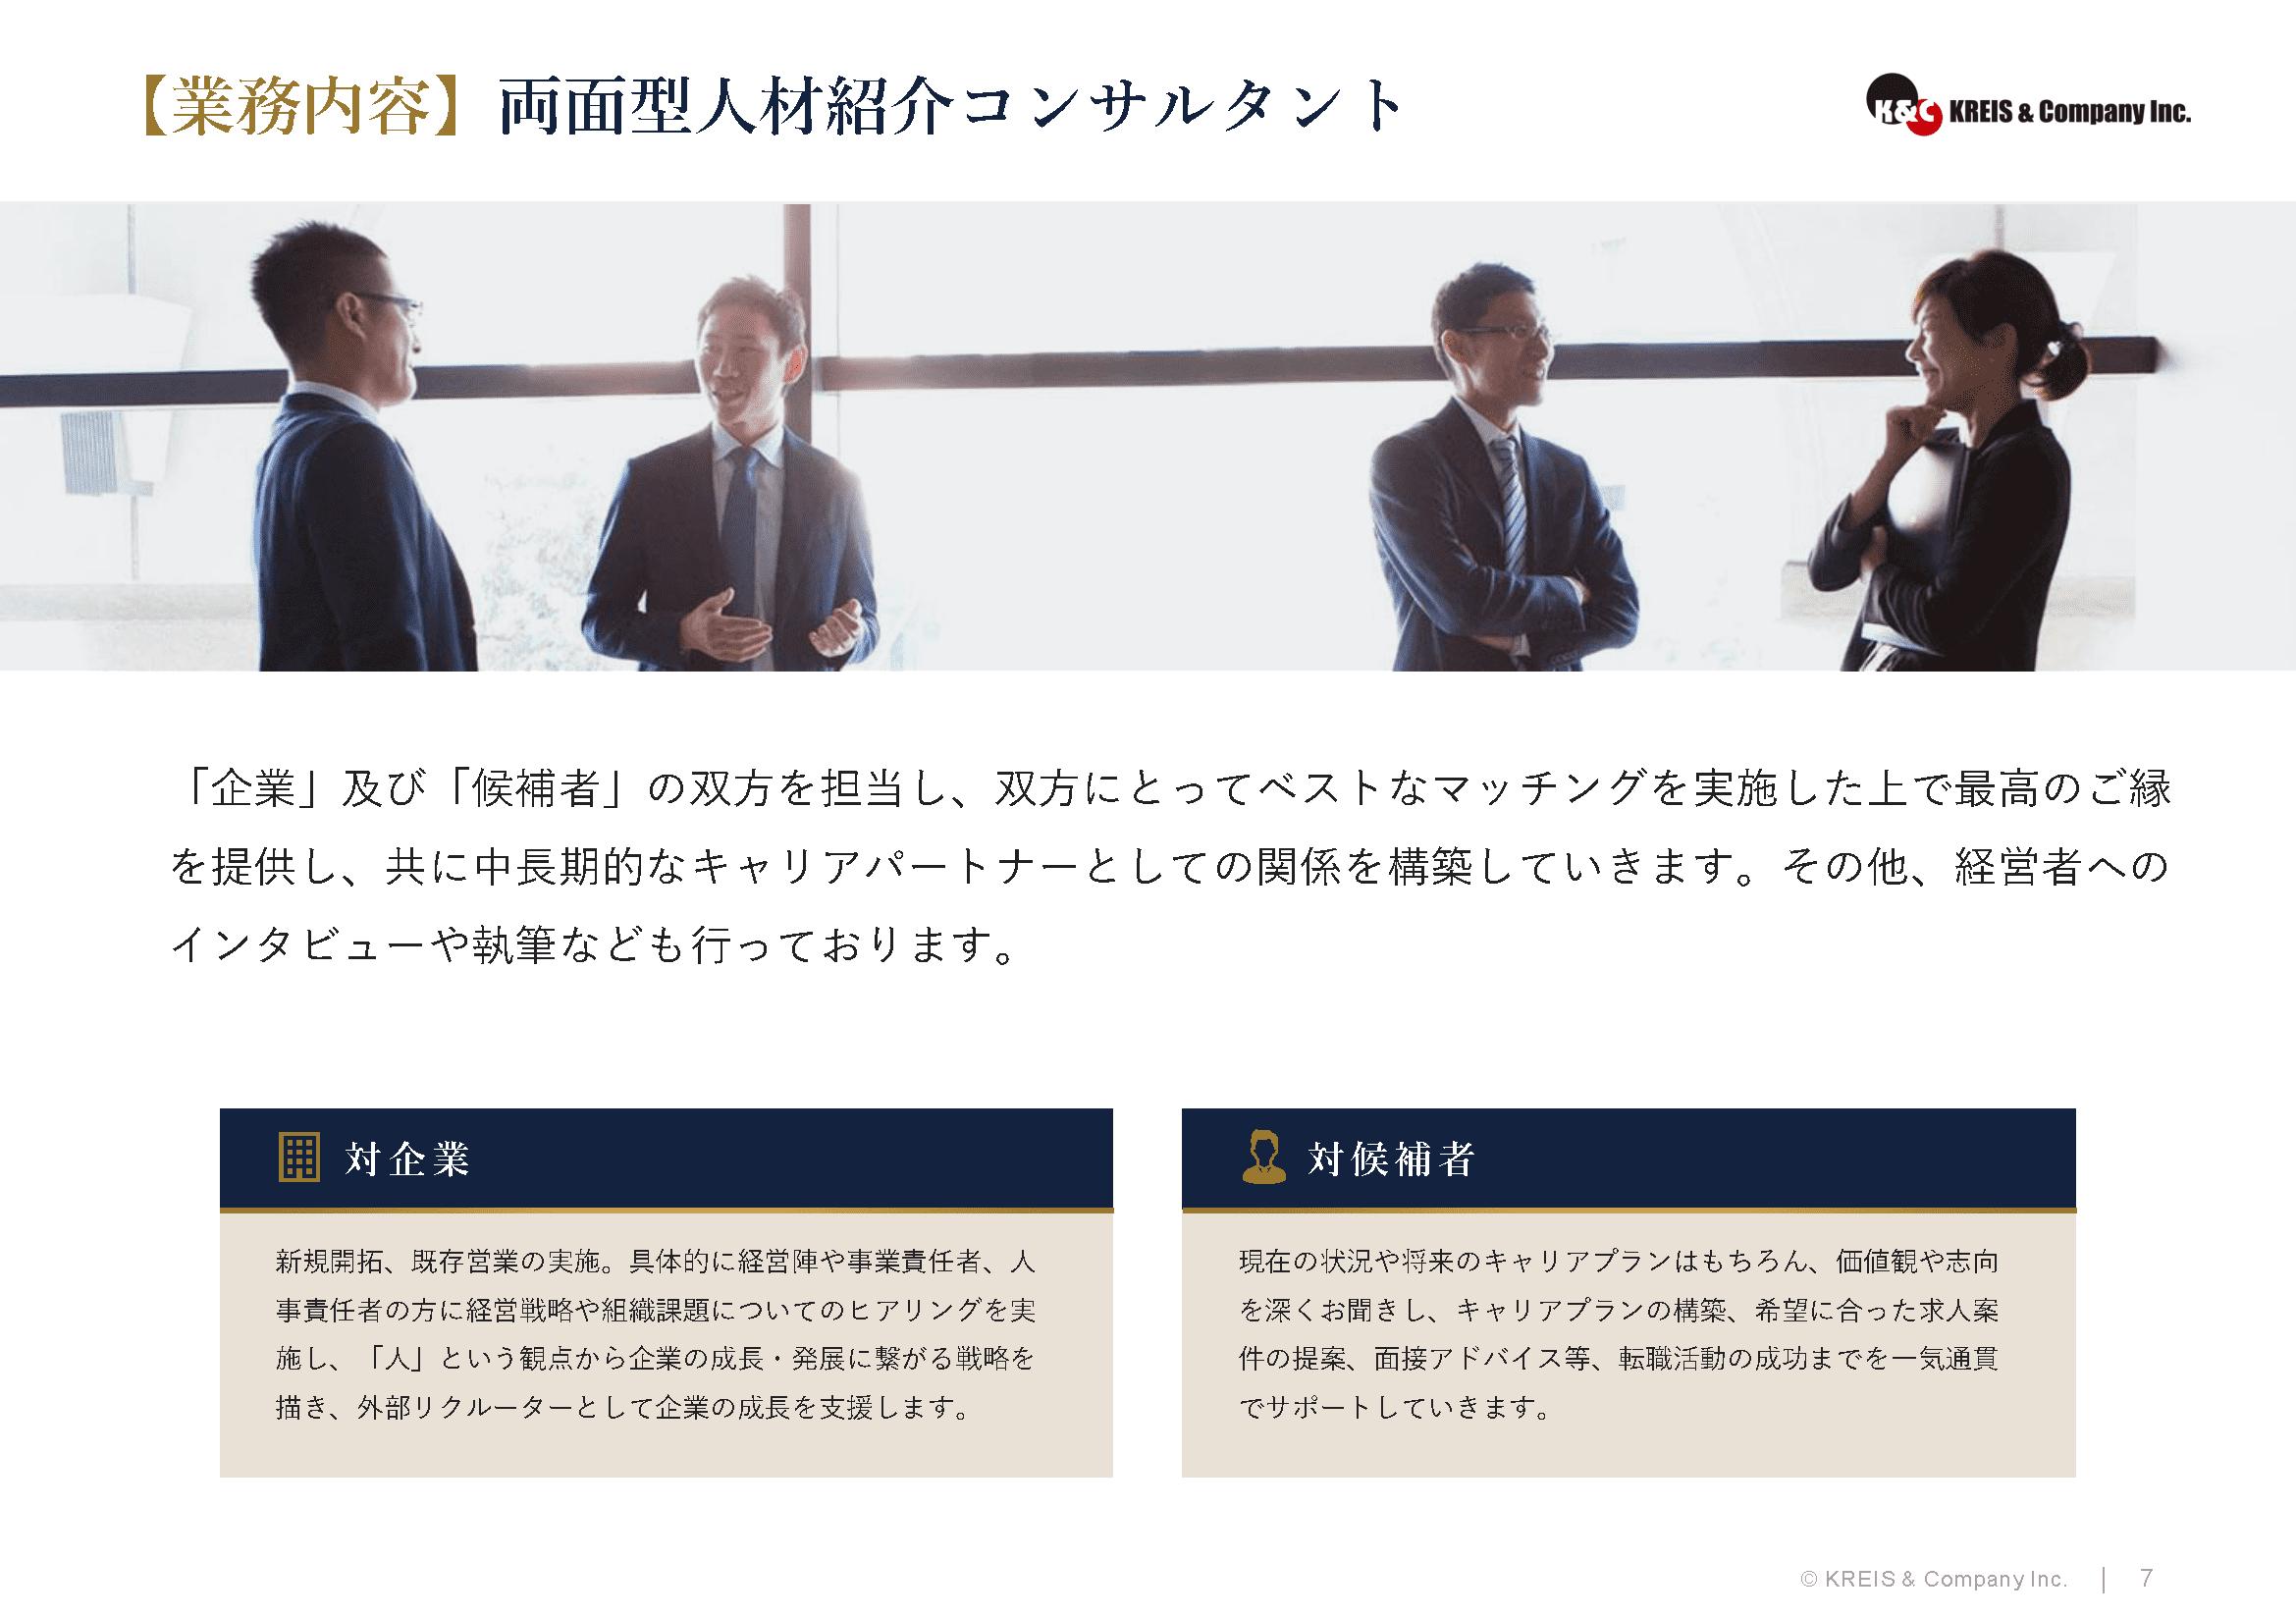 【事業内容】両面型人材紹介コンサルタント